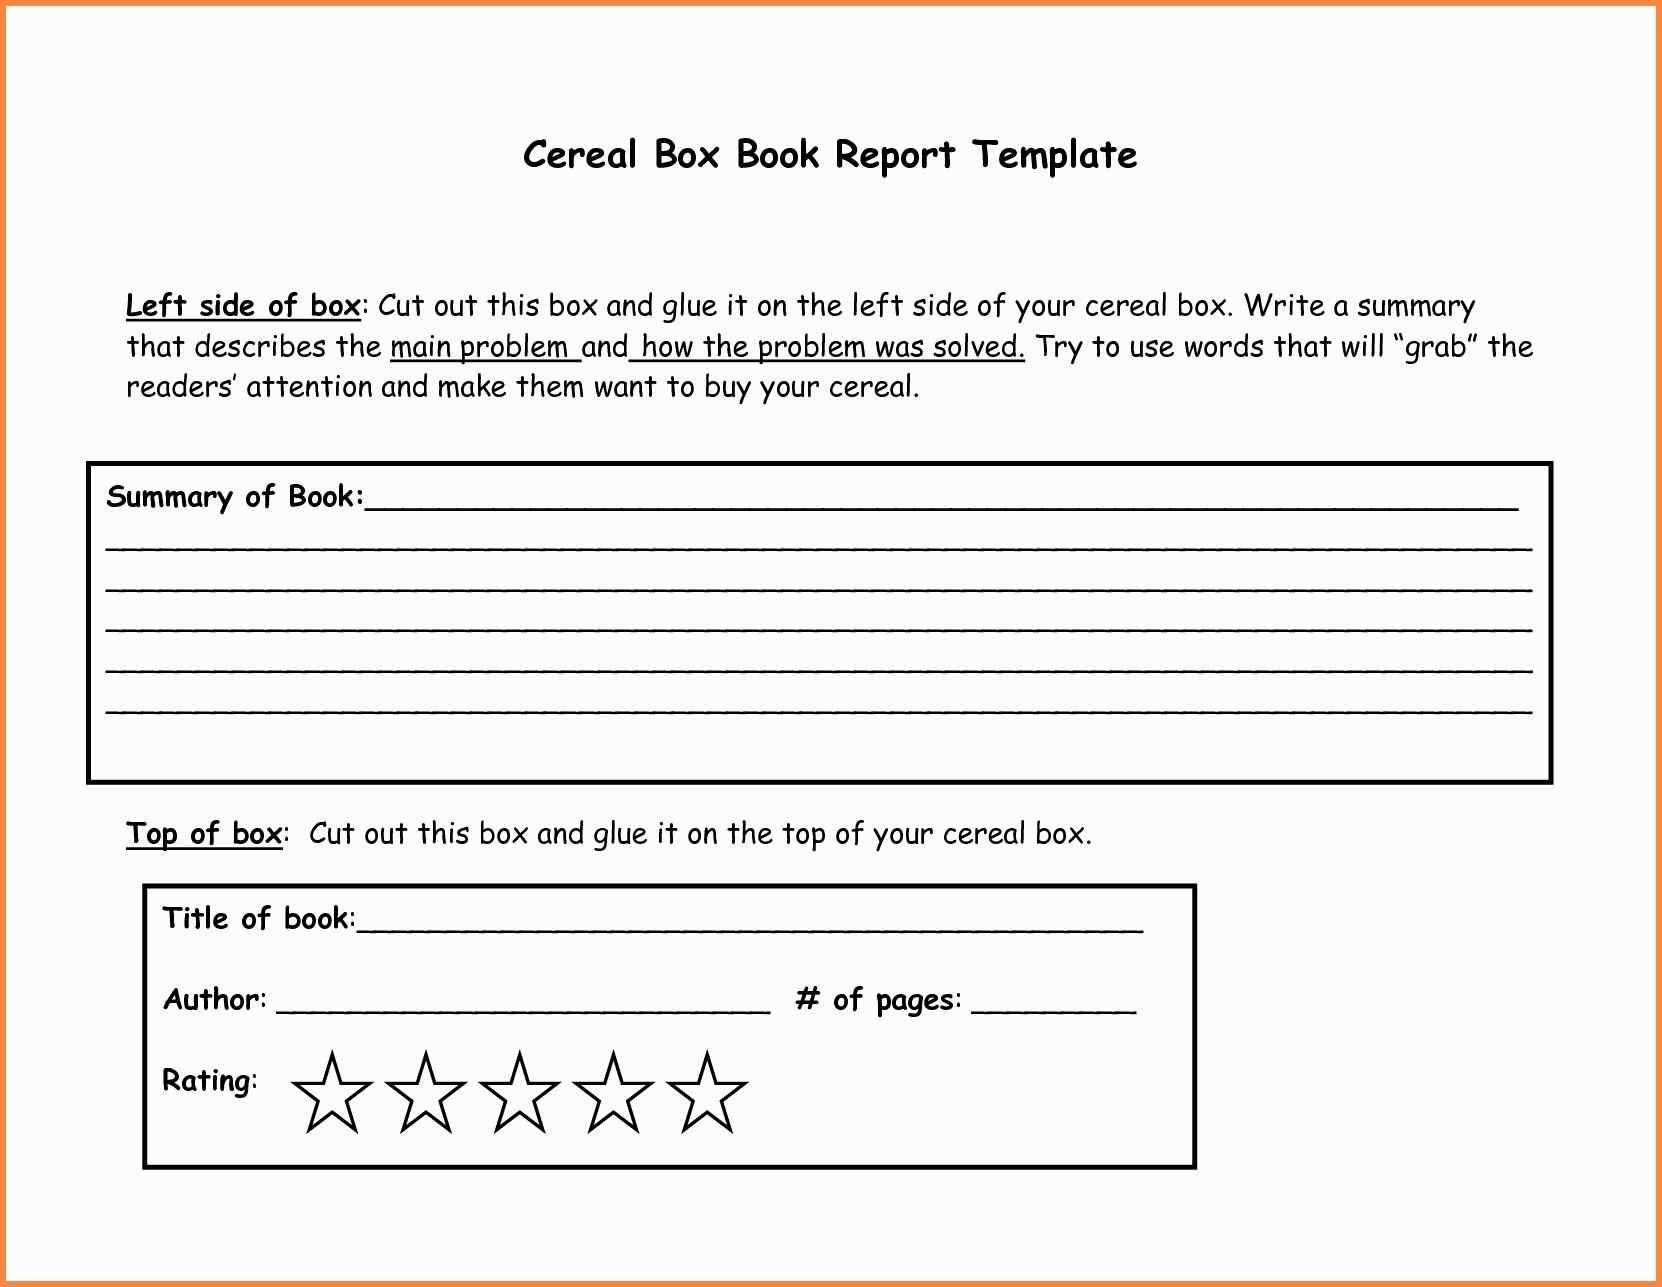 Cereal Box Book Report Samples